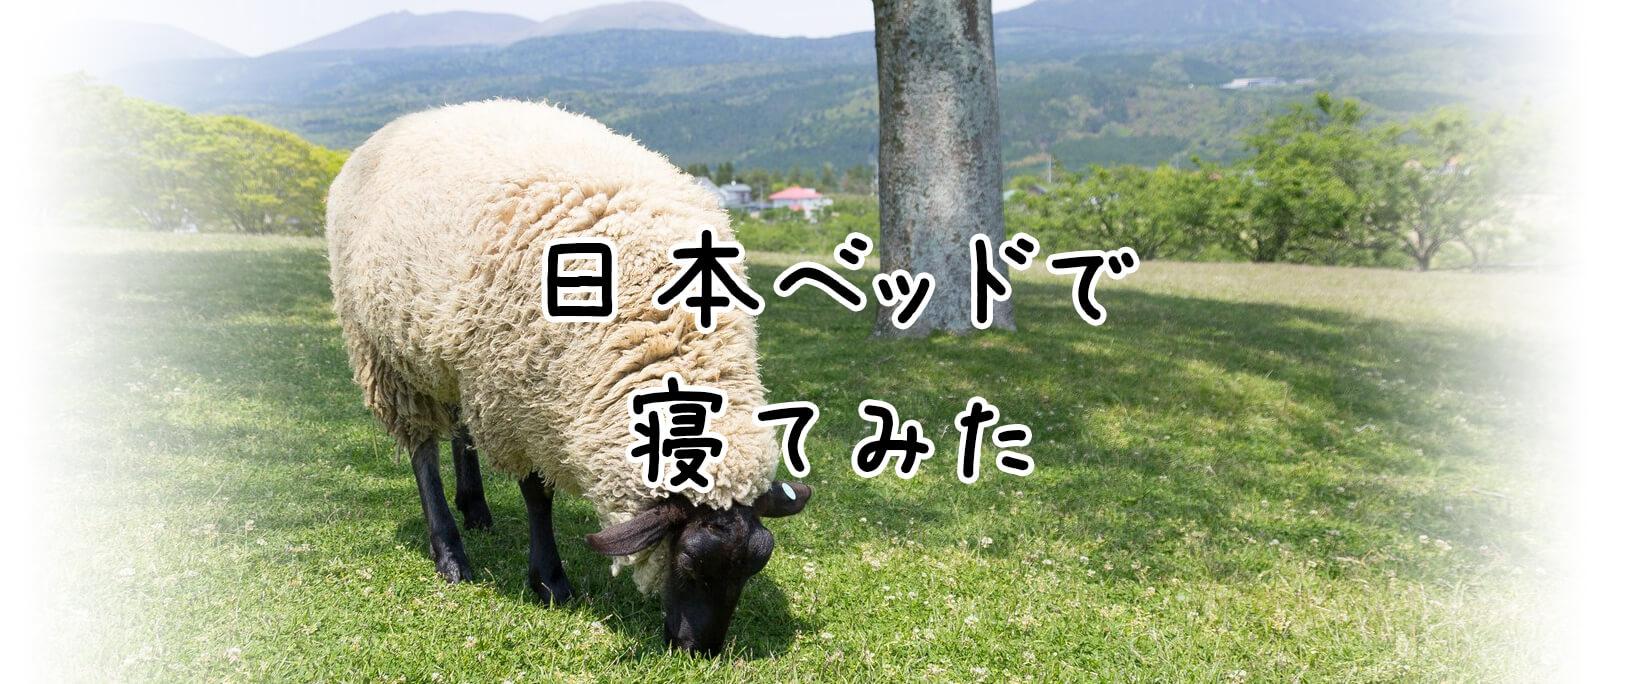 日本ベッドの「ピロートップシルキーポケット」で1週間寝てみた結果とその後のイメージ画像